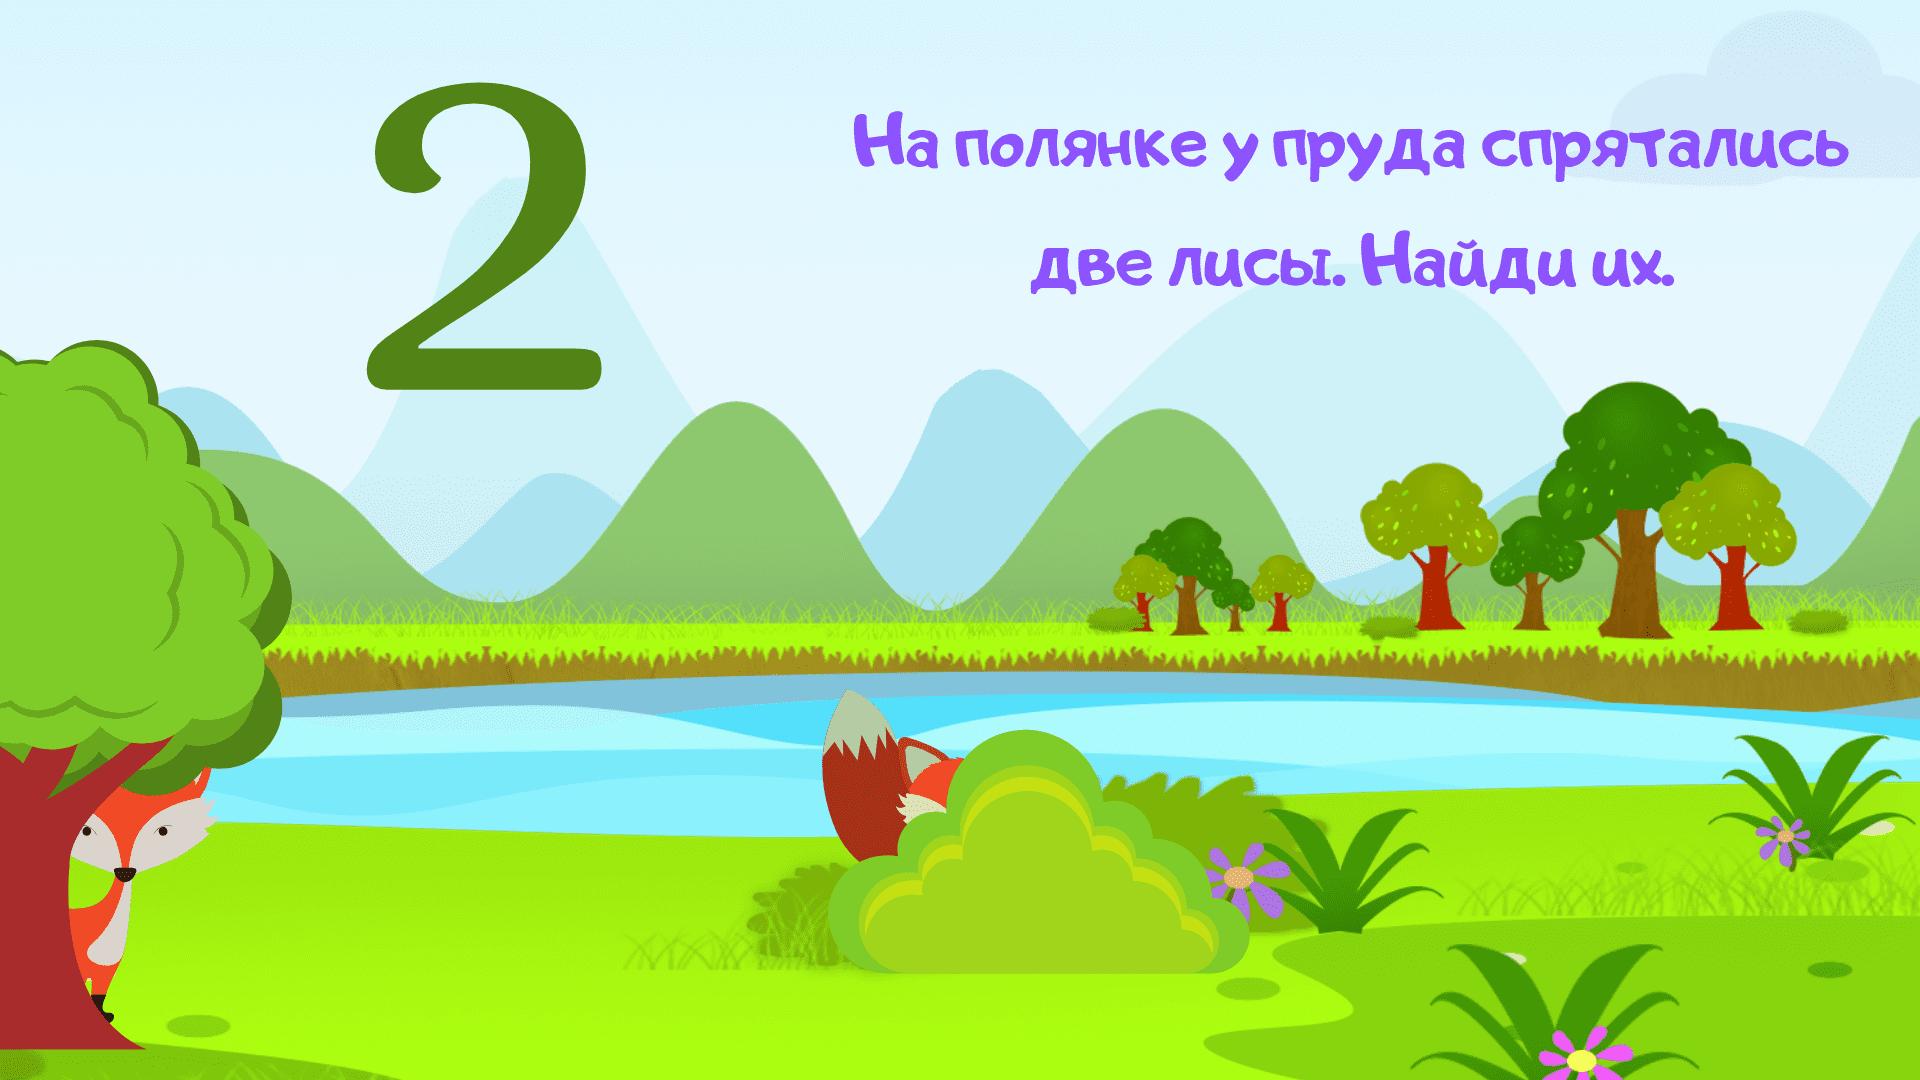 на полянке у пруда спрятались две лисы